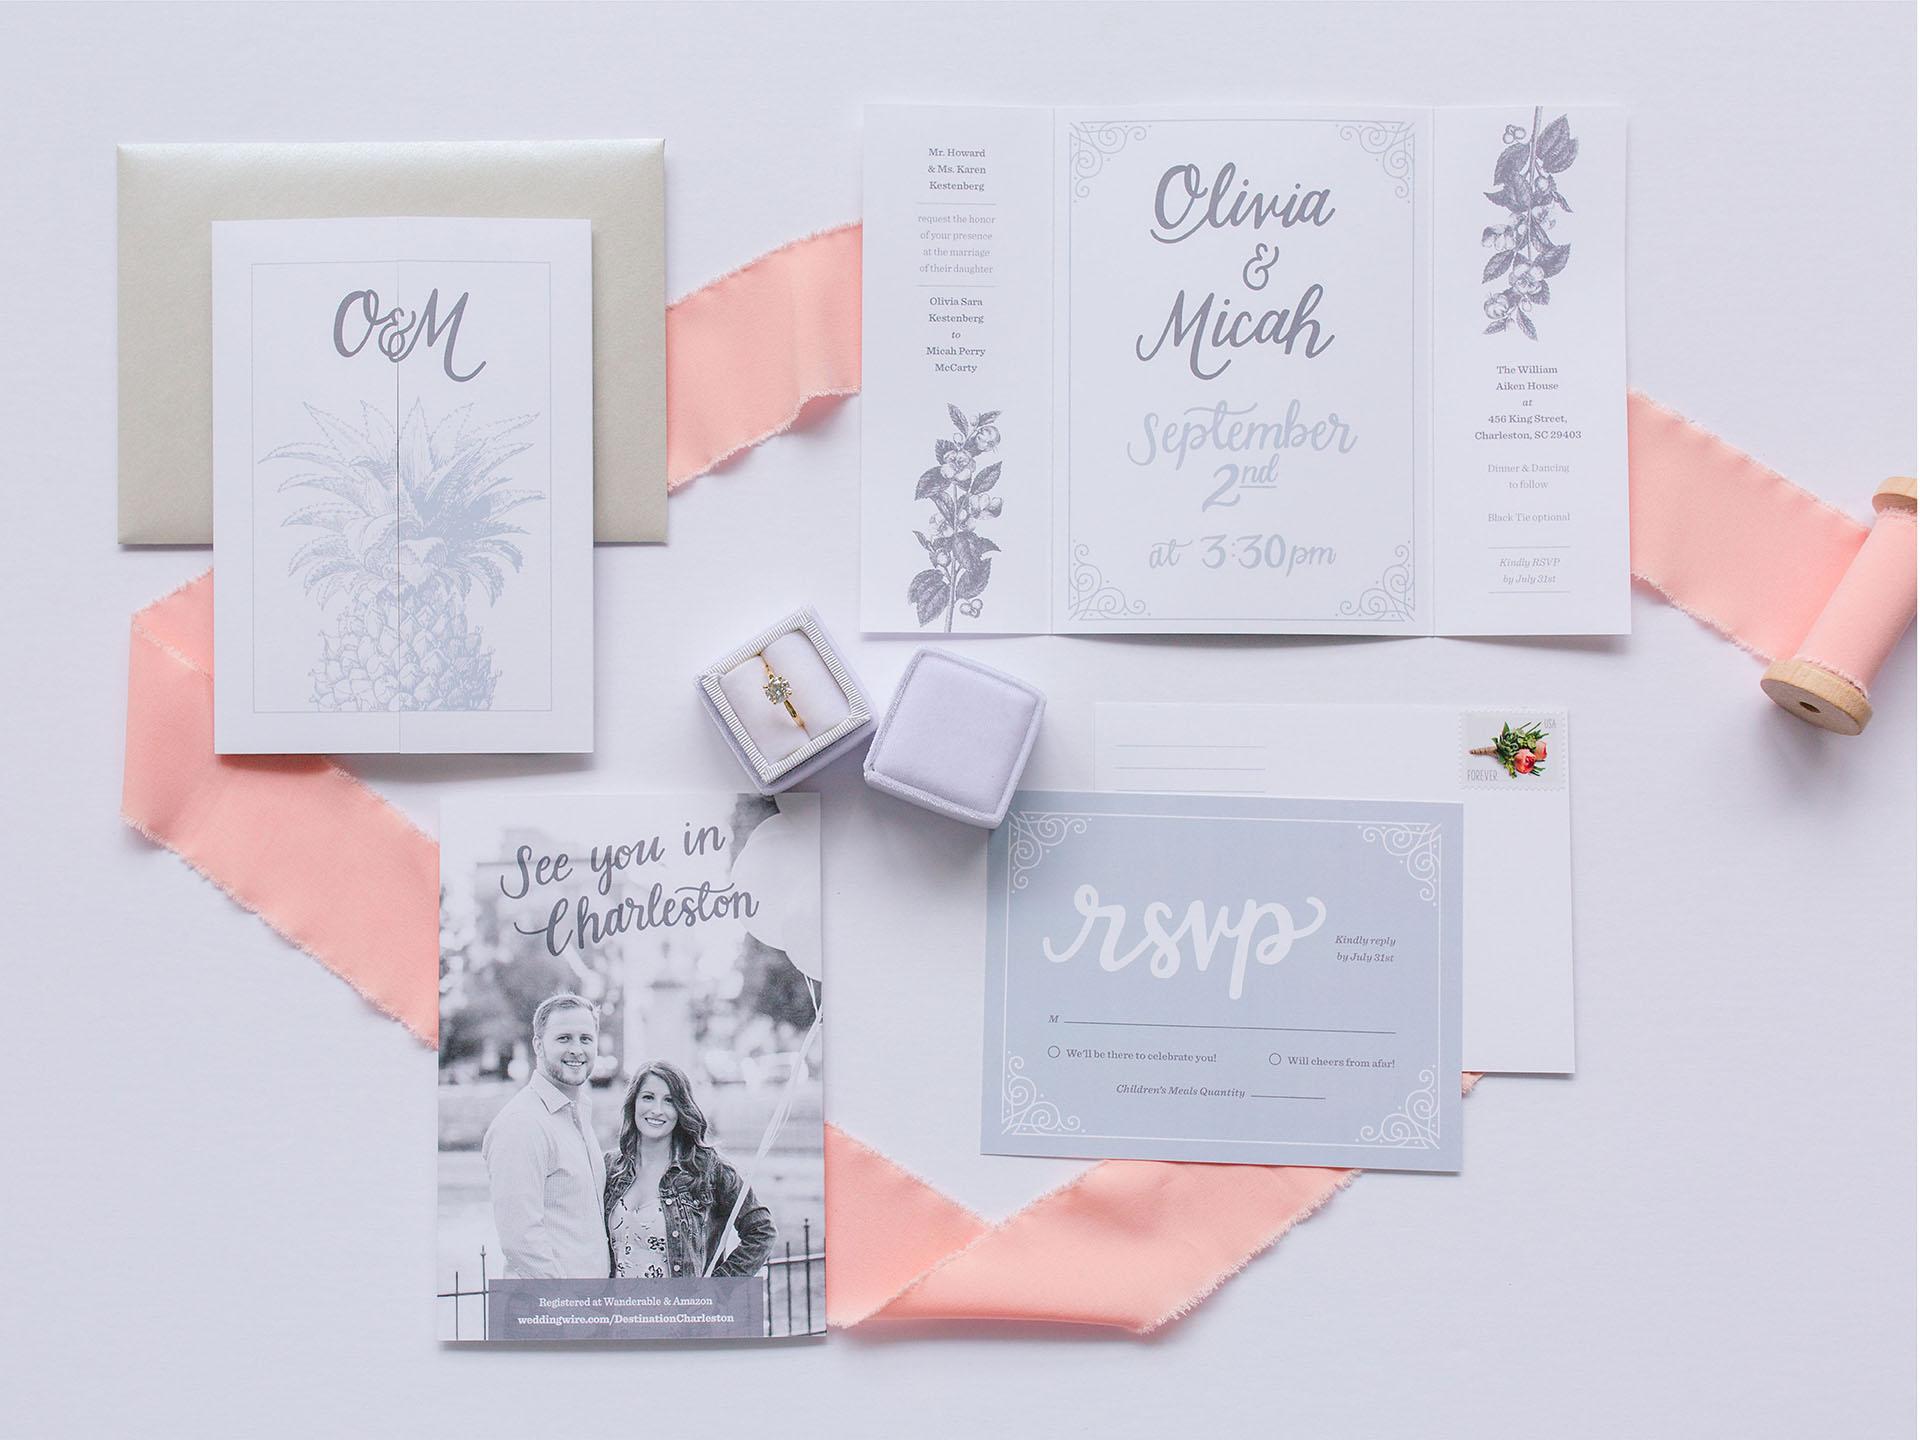 4to3_Weddings-01.jpg